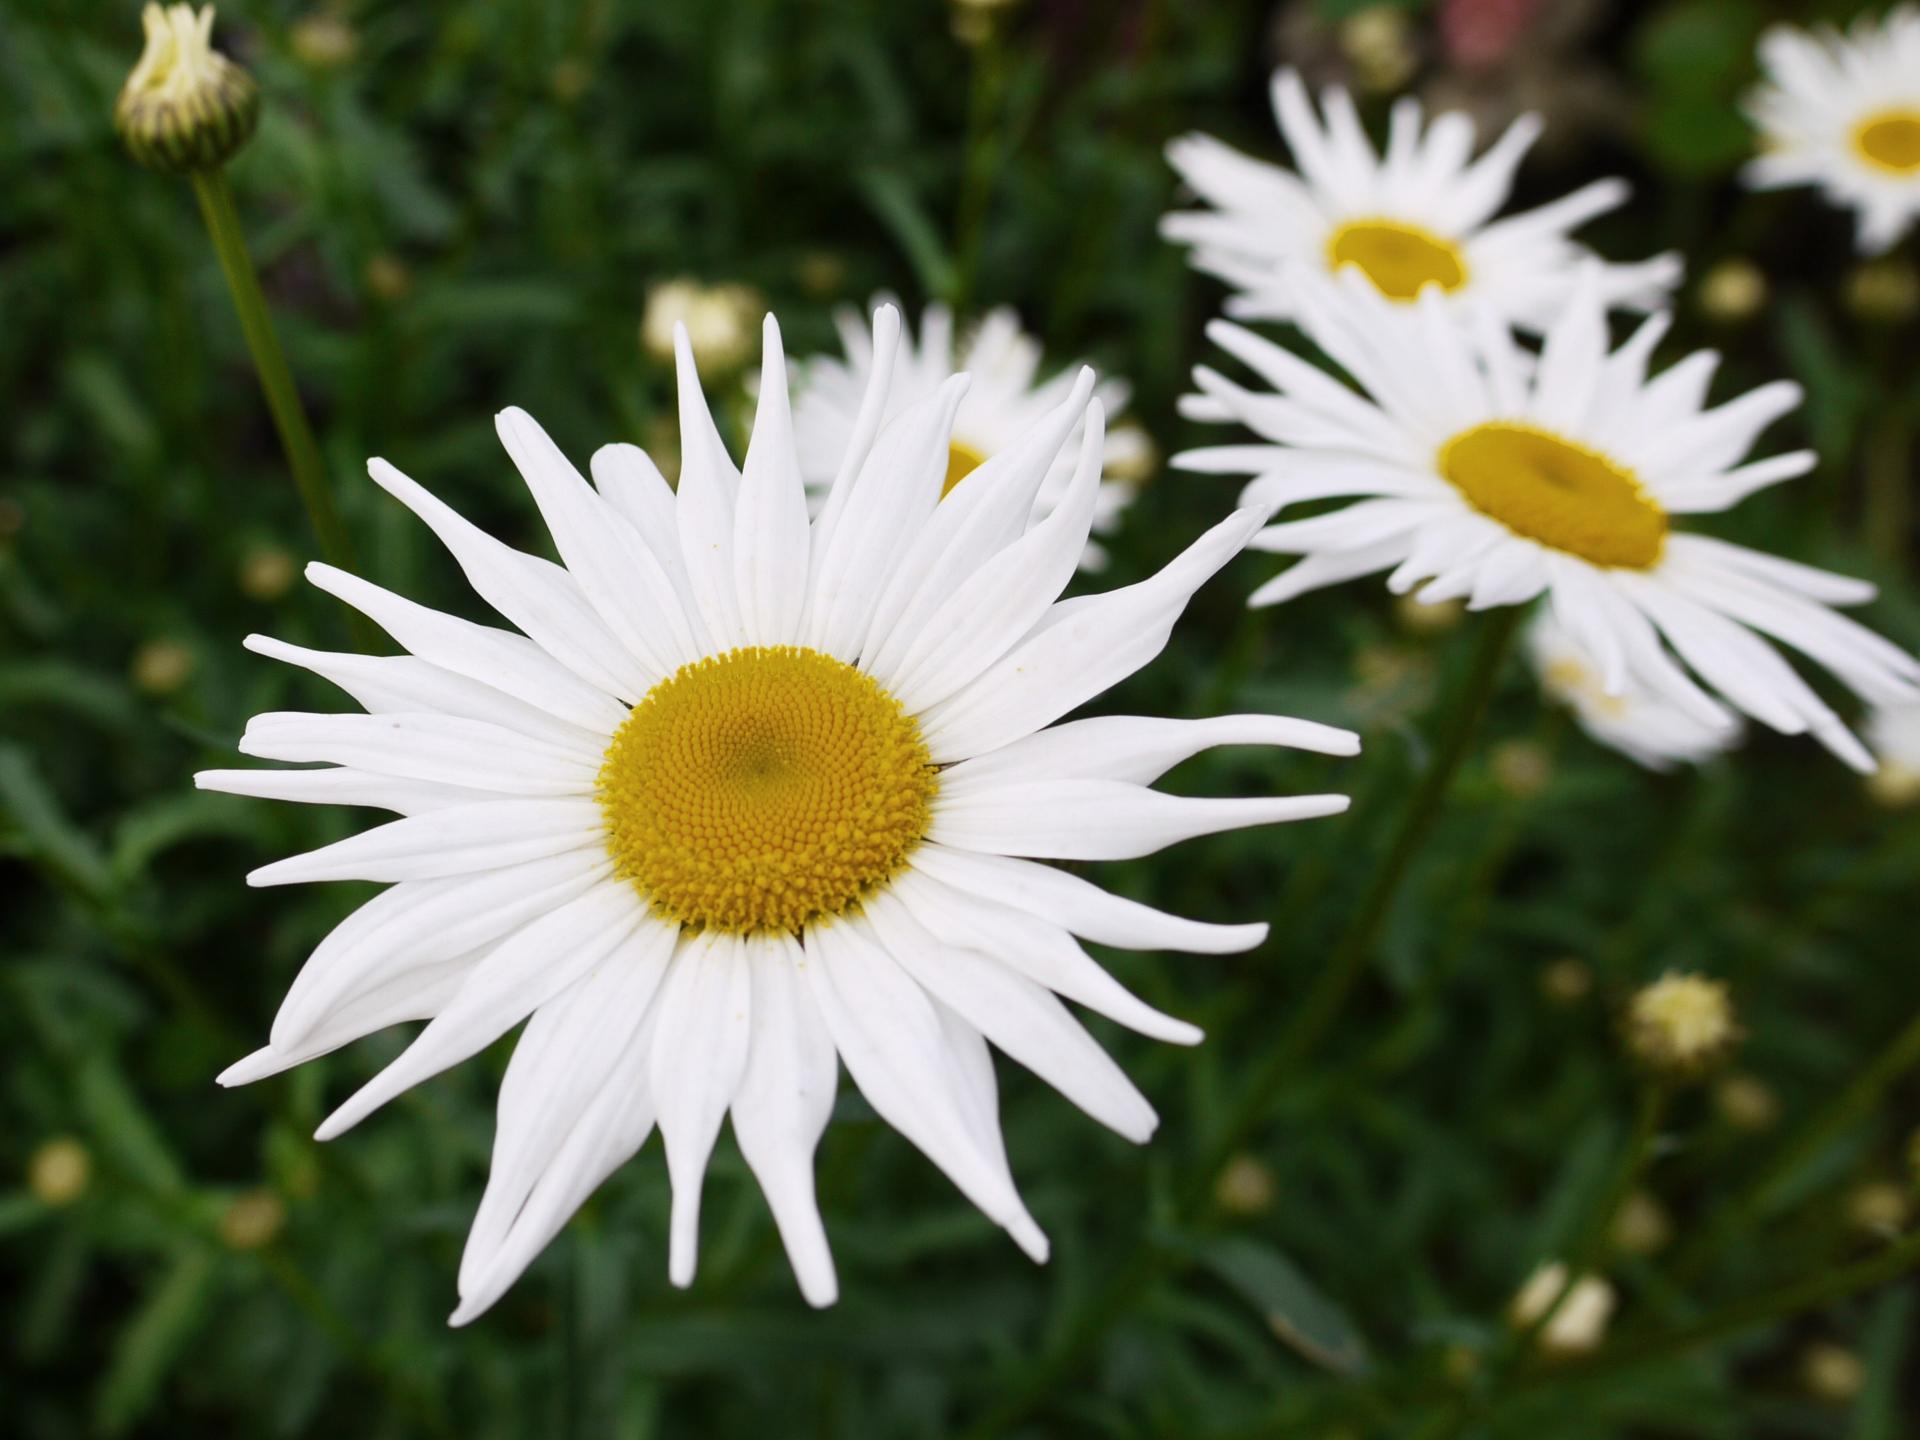 ガーデン用品屋さんの花図鑑 シャースターデイジー